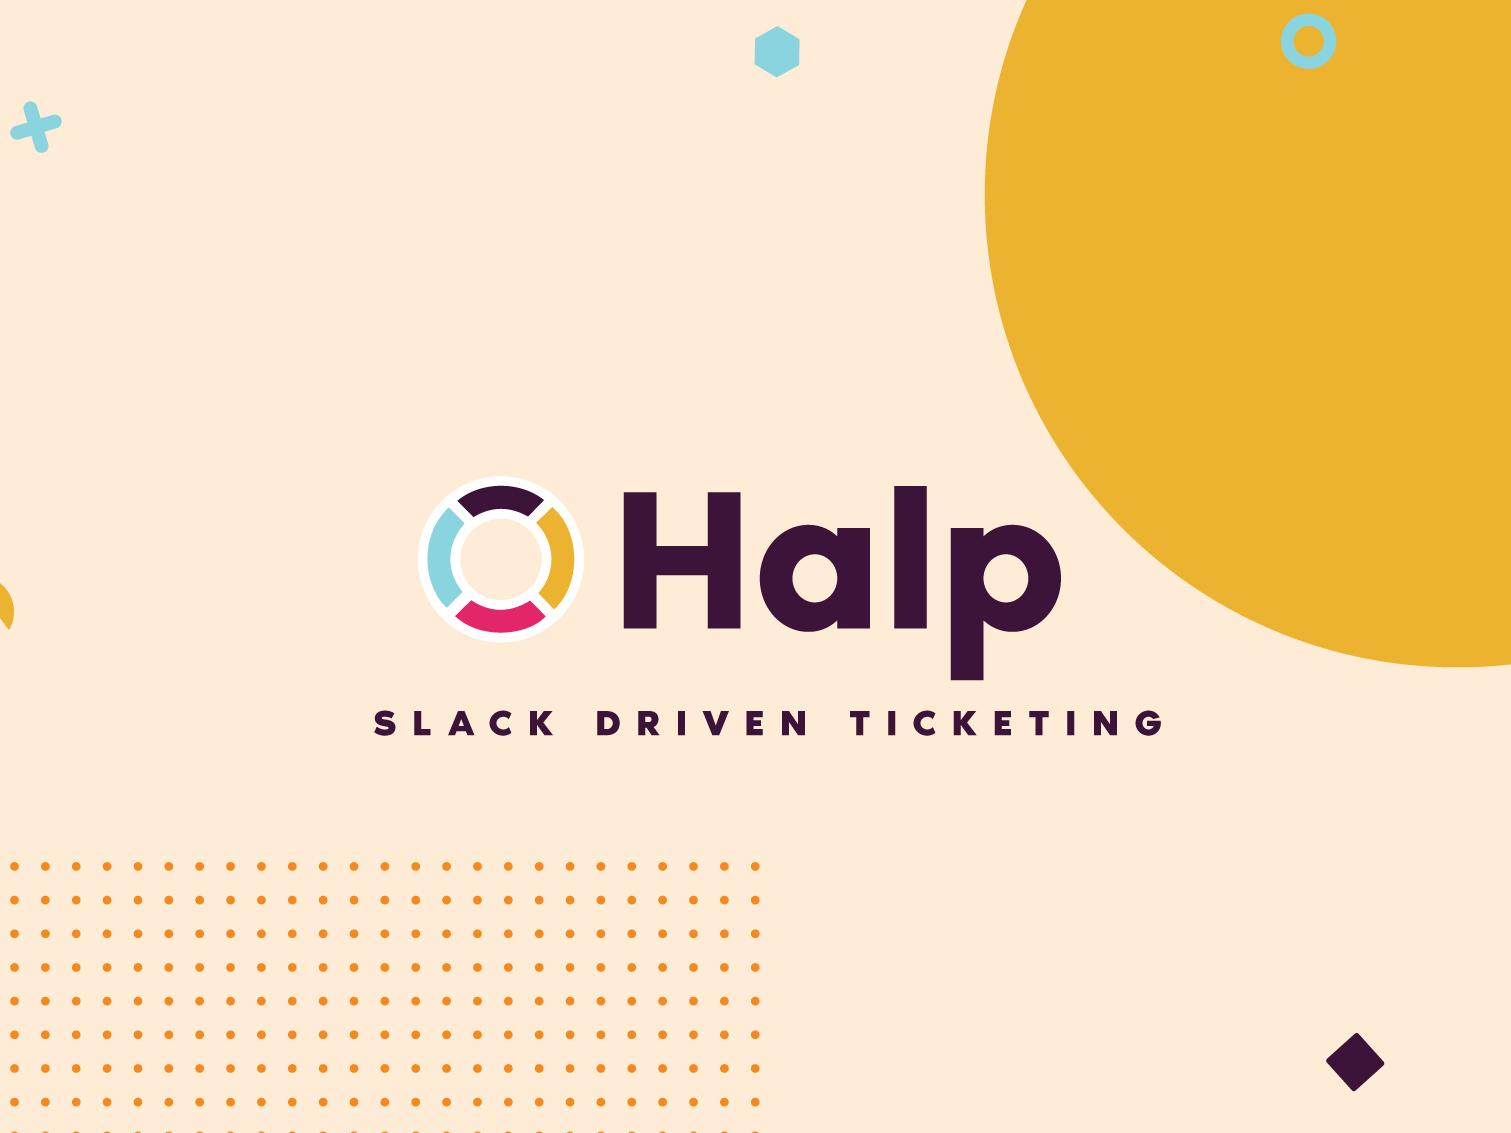 Halpbrand5 slack app slack products product design brand concept logo branding